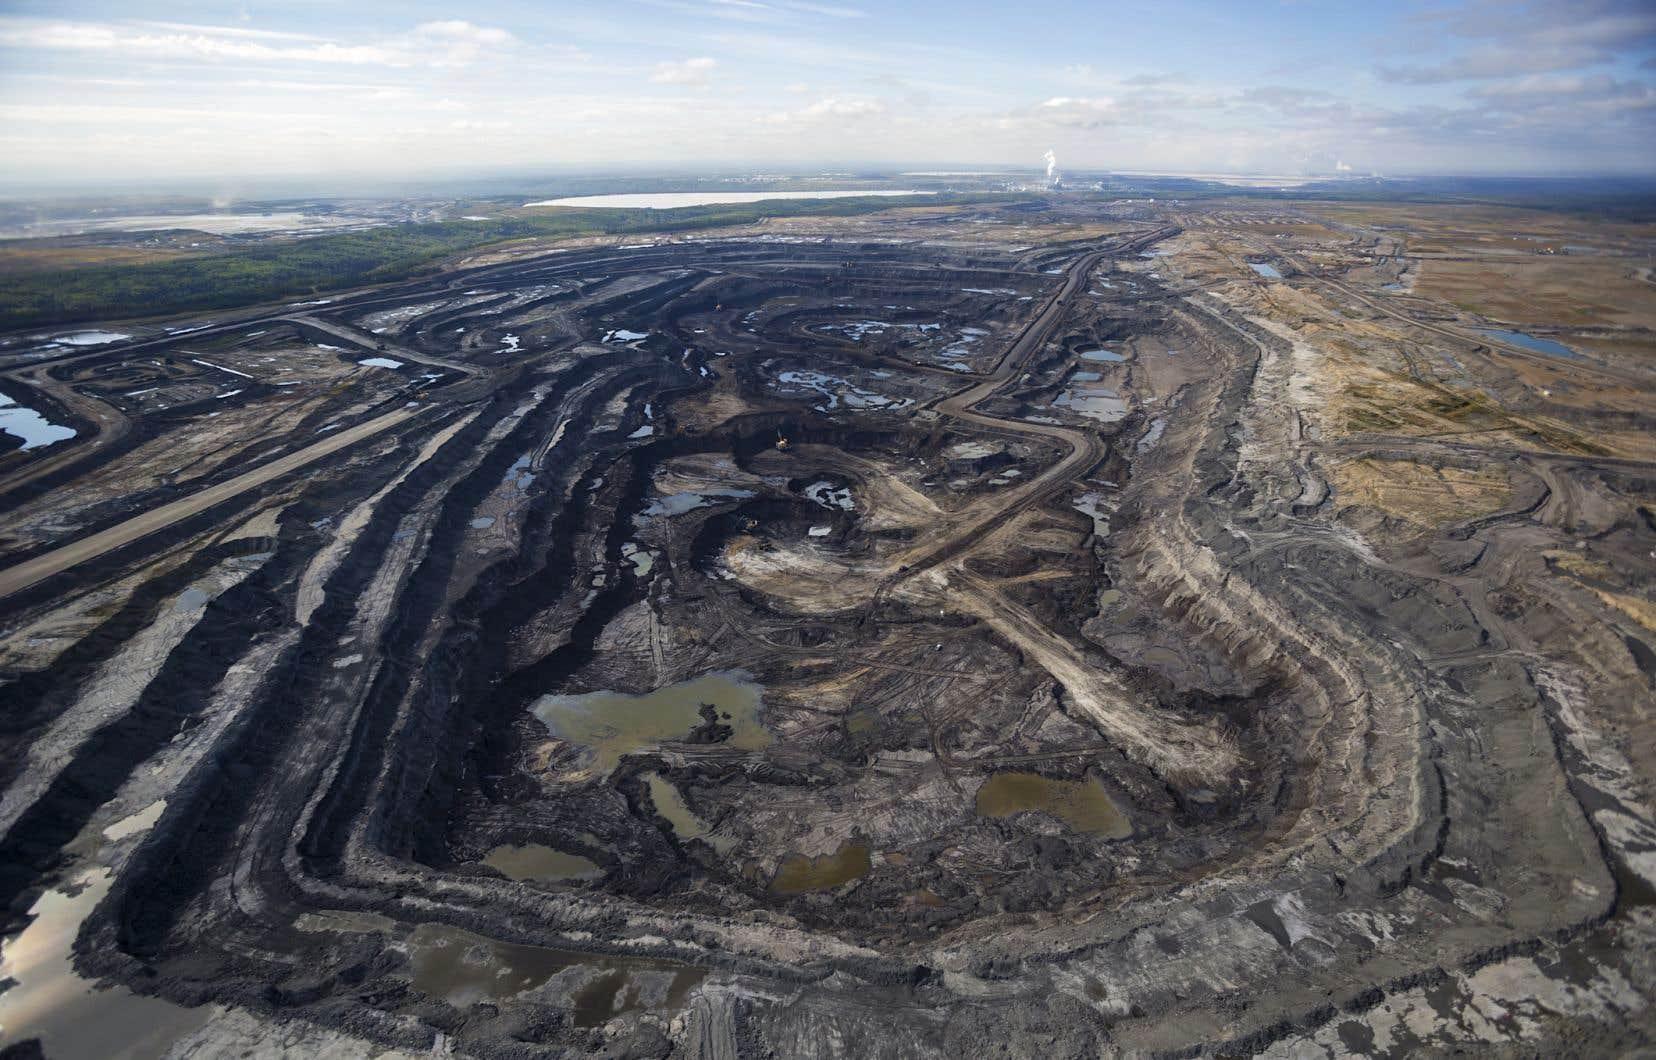 L'industrie pétrolière prévoit une croissance de la production des sables bitumineux au cours des prochaines années.